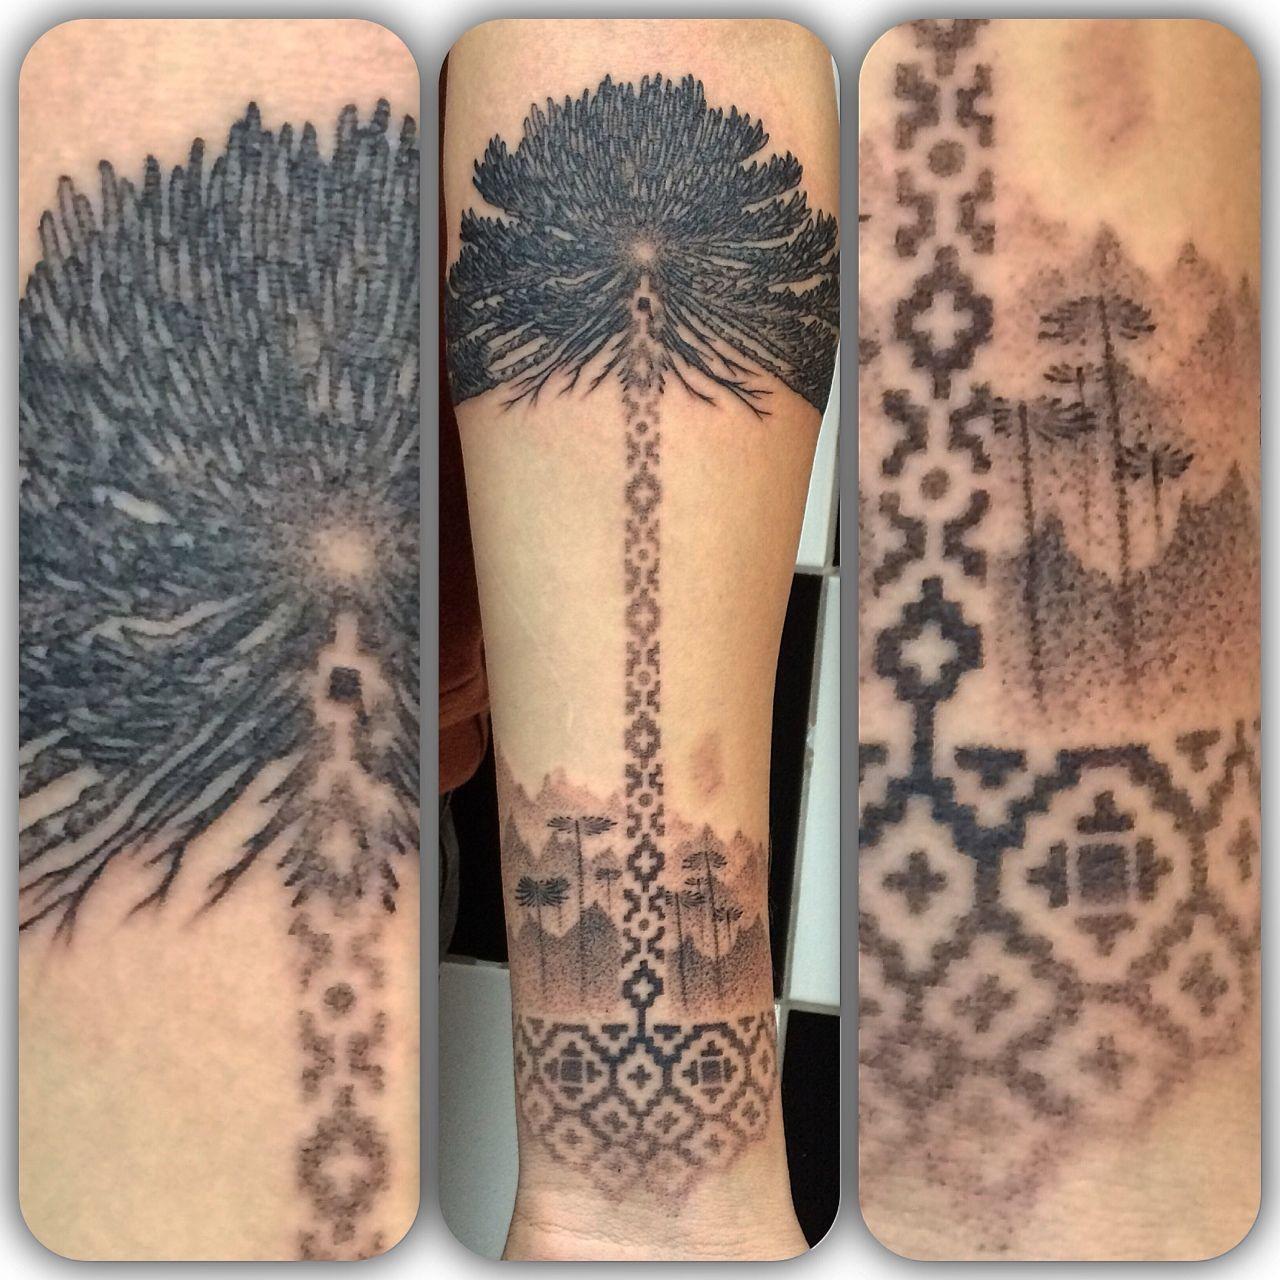 Crayon melting art images amp pictures becuo - Tatuajes De Araucaria Buscar Con Google